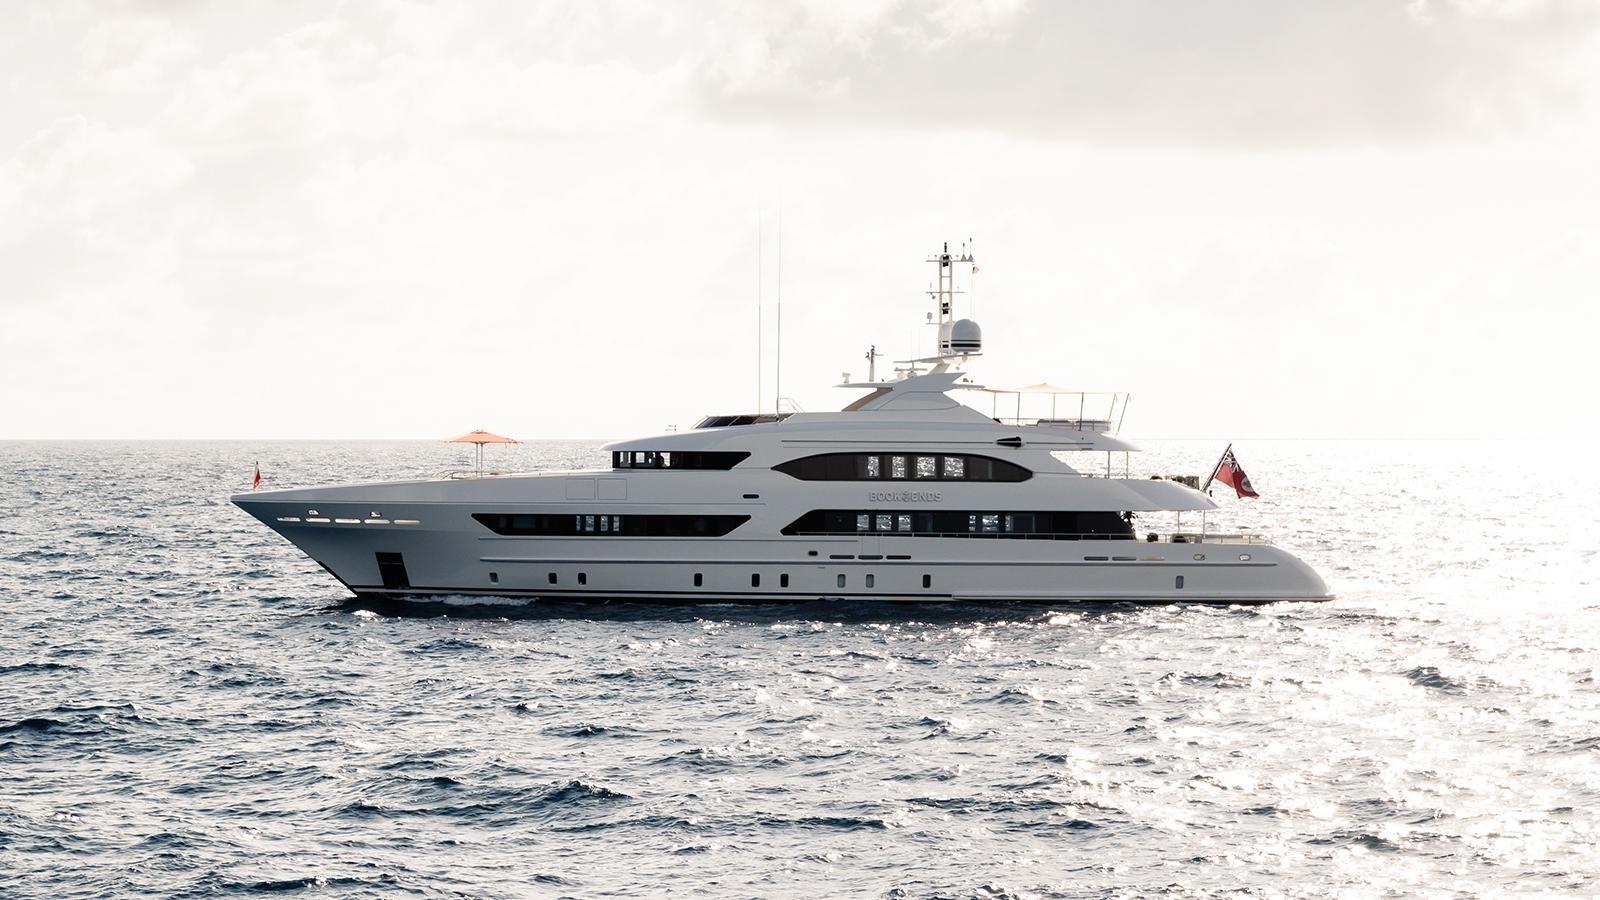 Heesen-47-metre-yacht-book-ends-side-view-credit-jeff-brown-breed-media-1920x1080.jpg